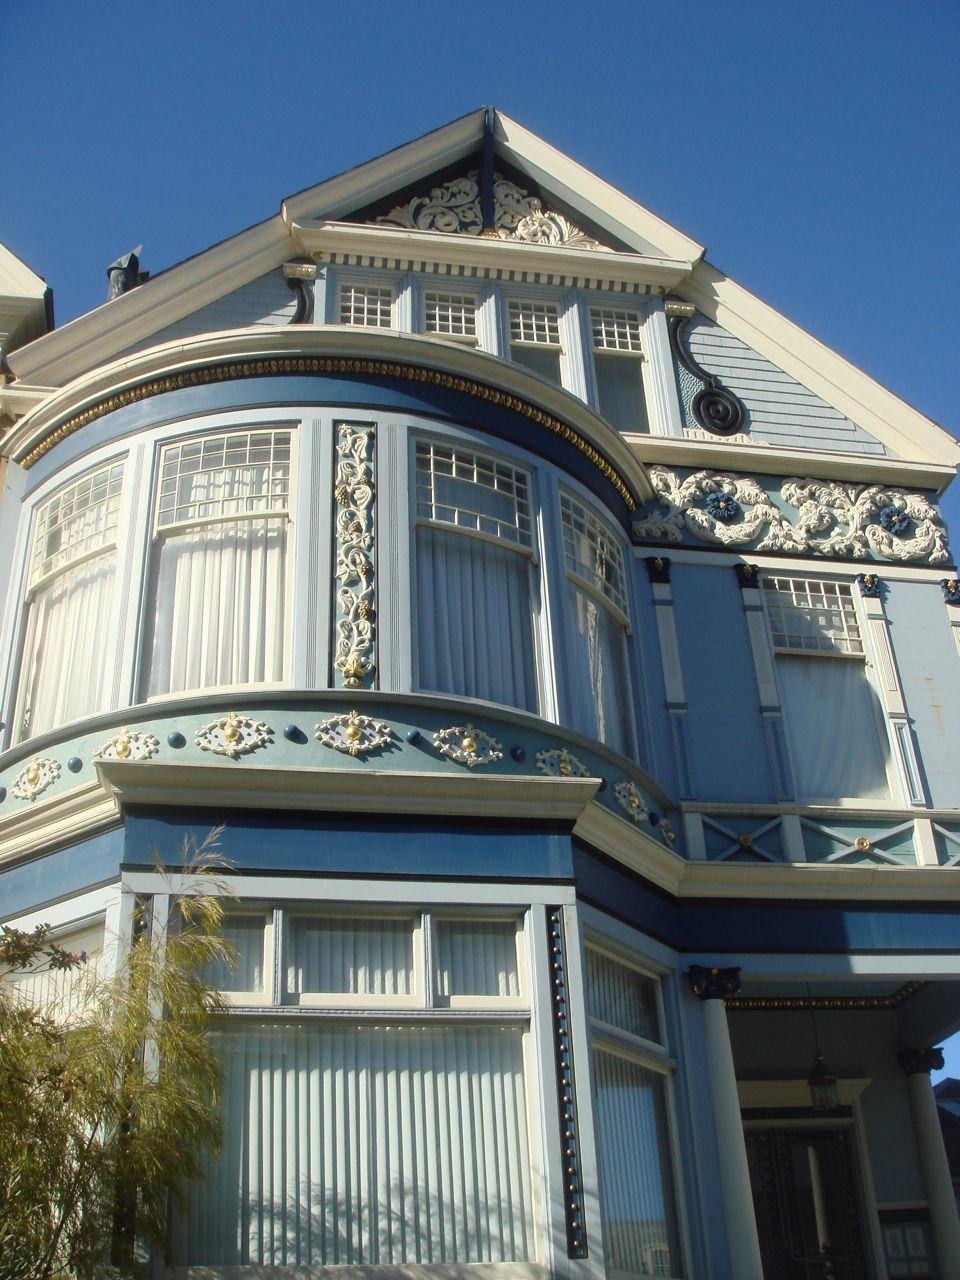 C 39 est une maison bleue - Maxime leforestier maison bleue ...